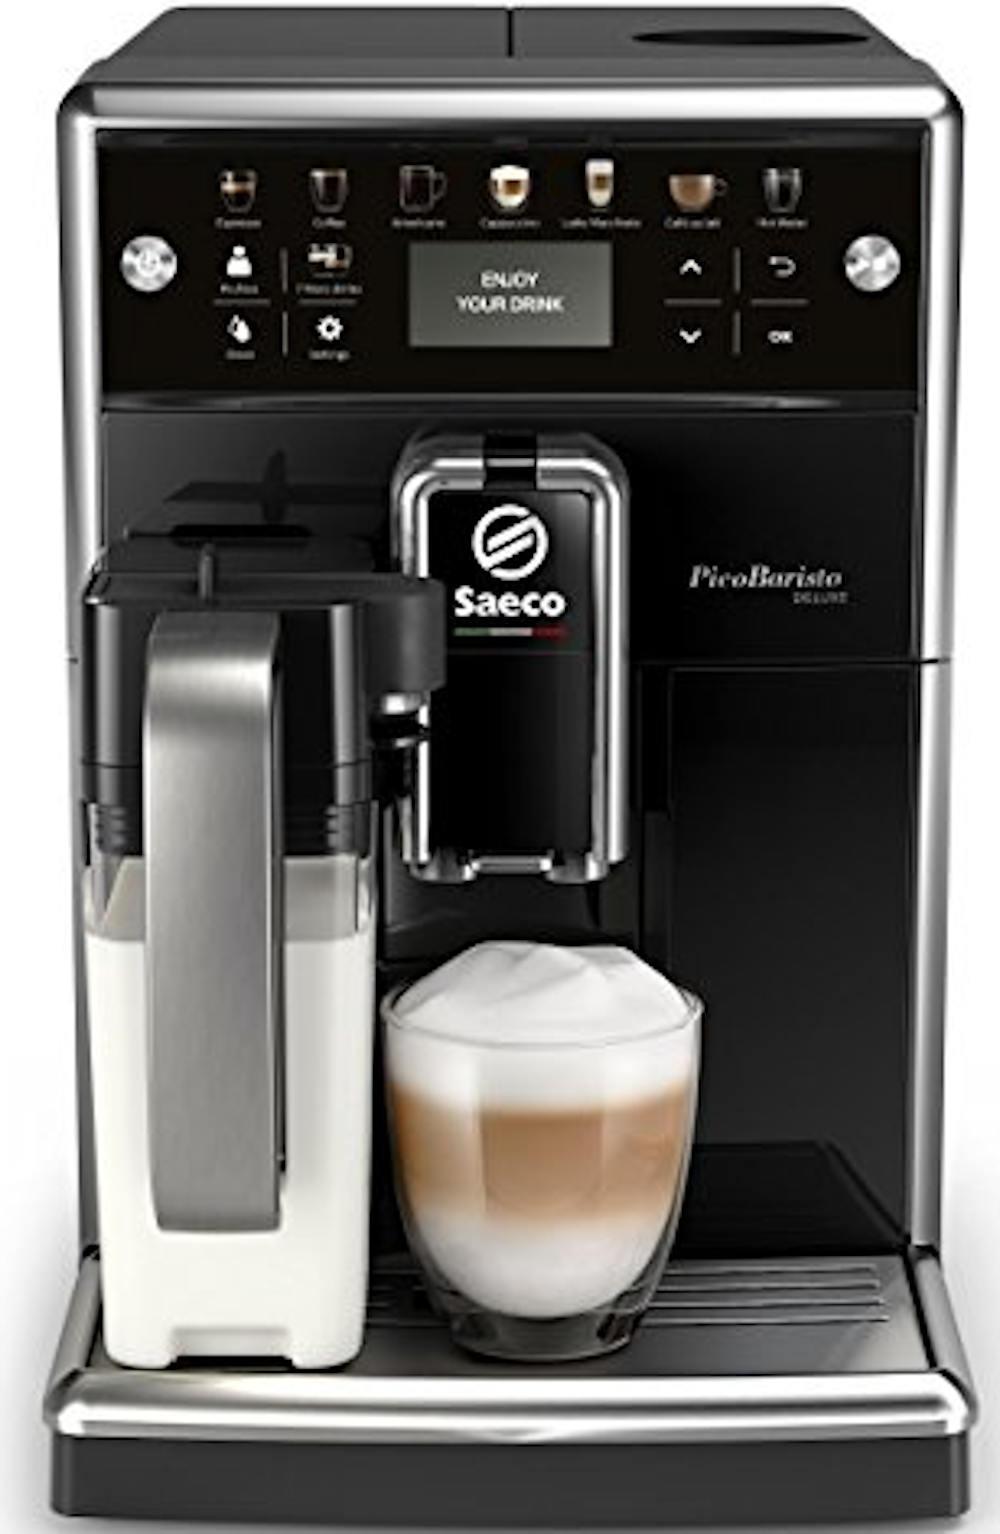 Saeco Picobaristo Deluxe SM5573 10 espressor automat cu boabe de cafea